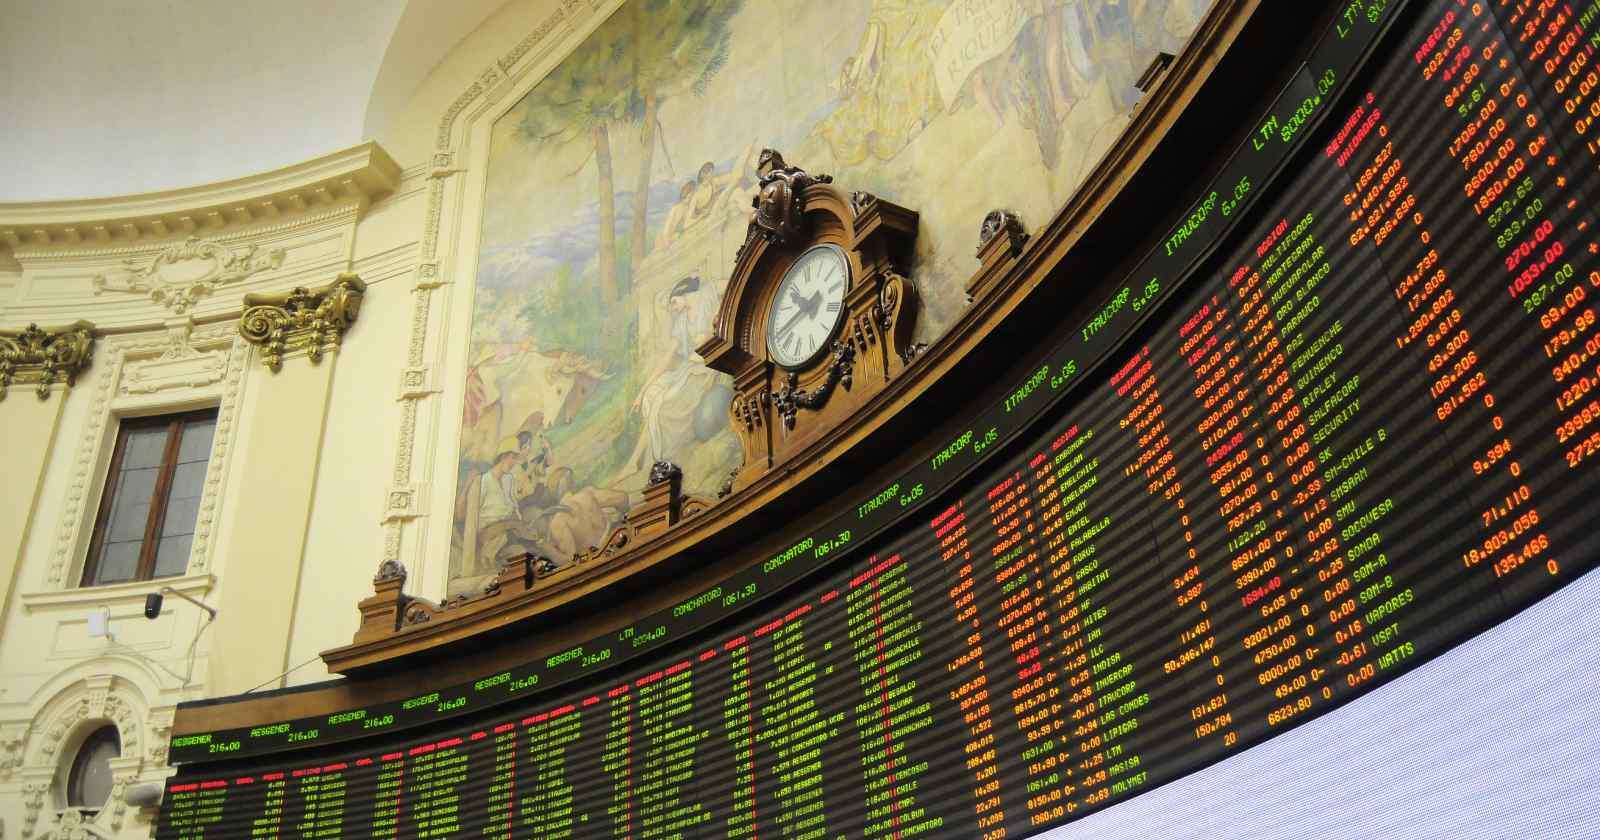 La importancia de las inversiones socialmente responsables en períodos de crisis